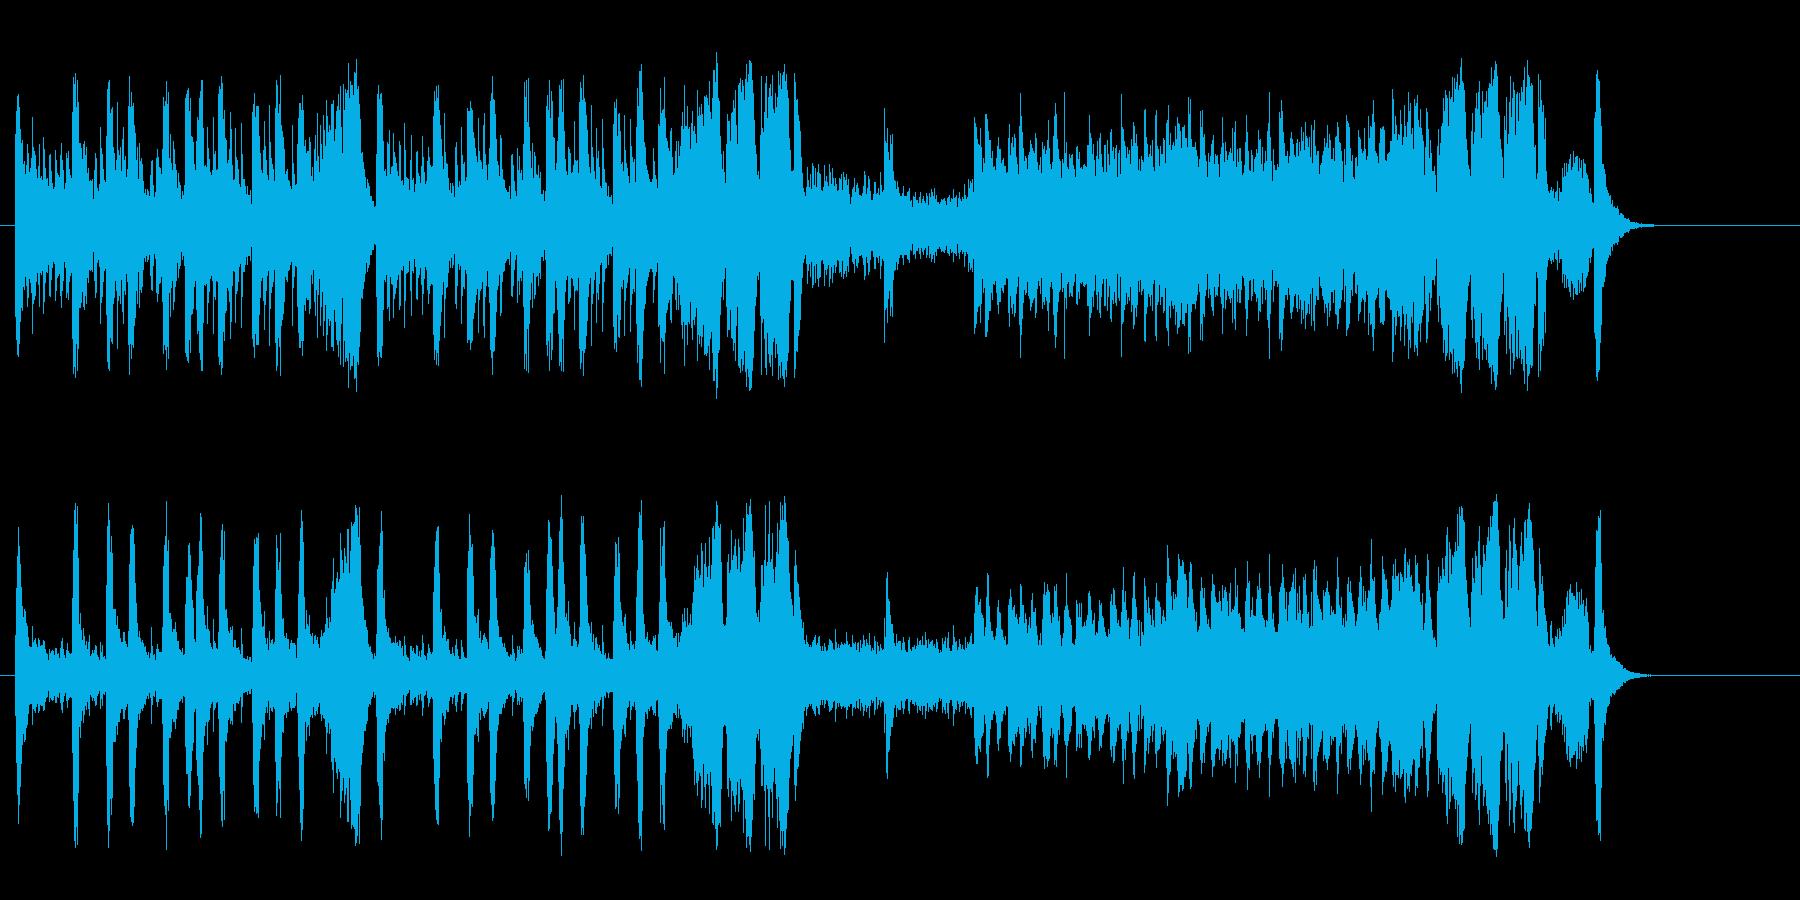 アメリカ映画音楽風オーケストラ楽曲の再生済みの波形